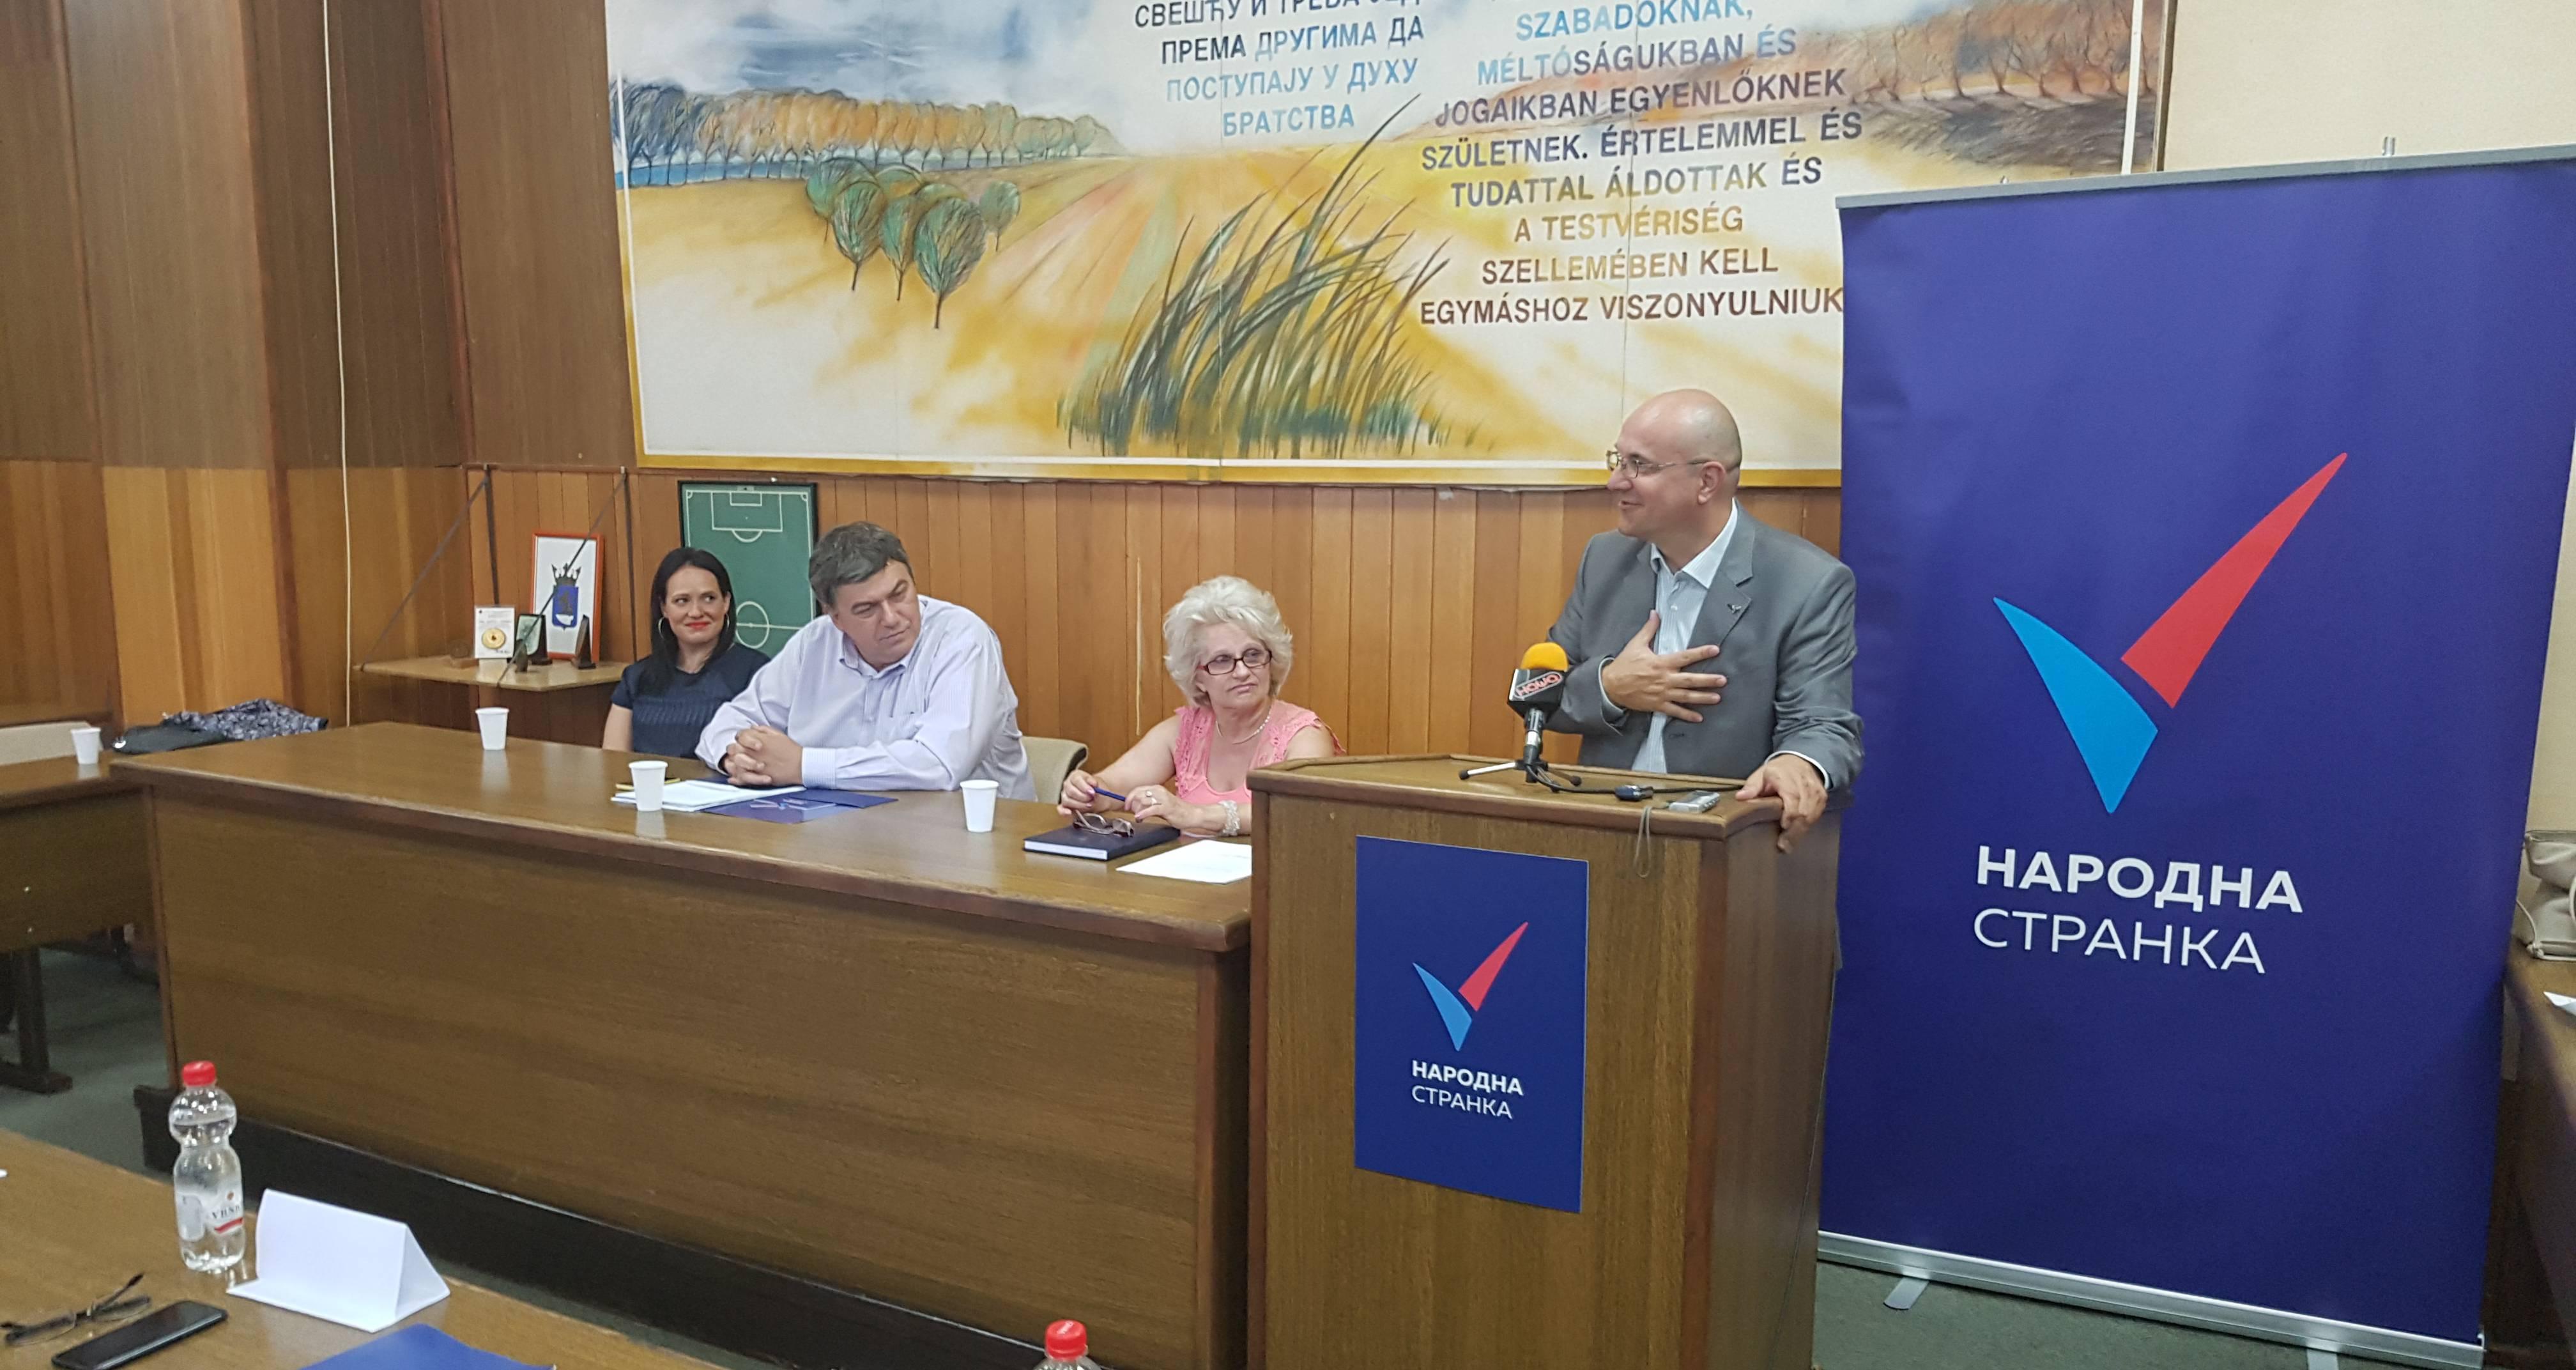 Отворено писмо градоначелнику Новог Сада Милошу Вучевићу